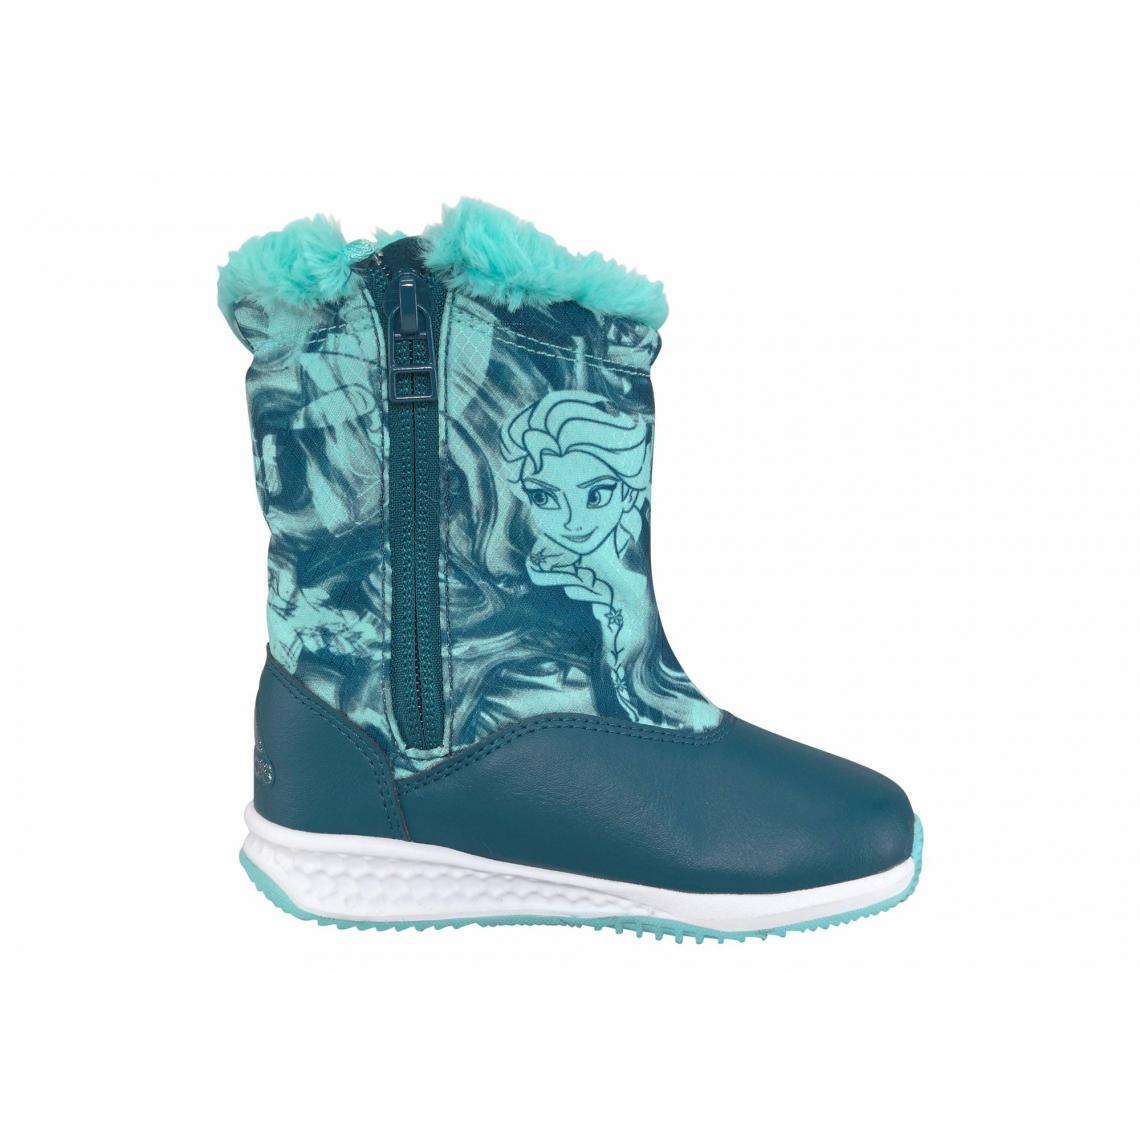 Bottes des neiges fille Reine Bleu 1 Performance Avis adidas d'hiver EDHI29